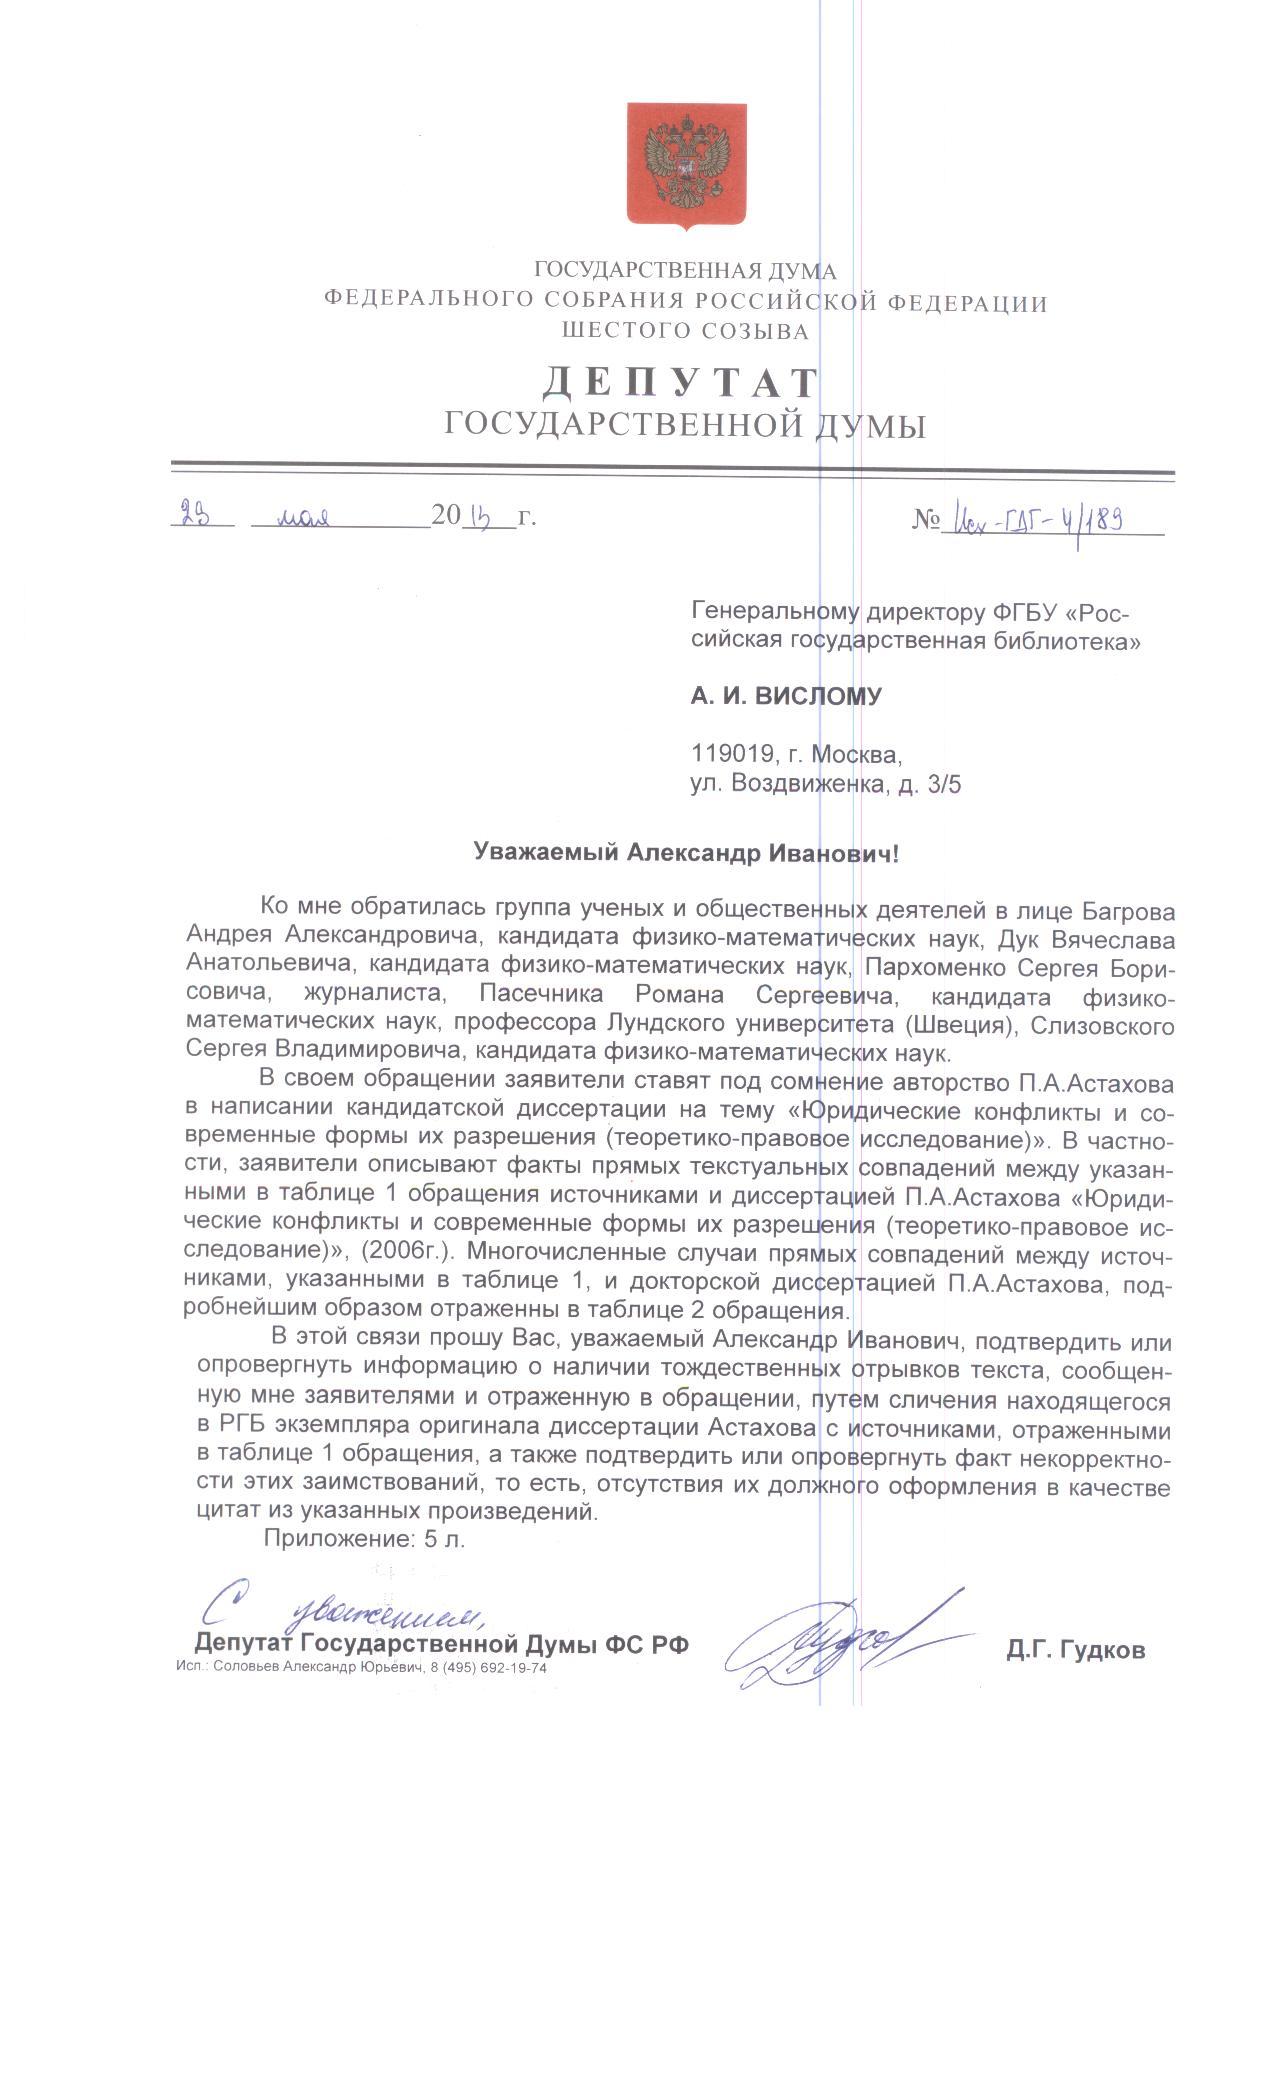 ГДГ-4.189_Астахов_Вислому